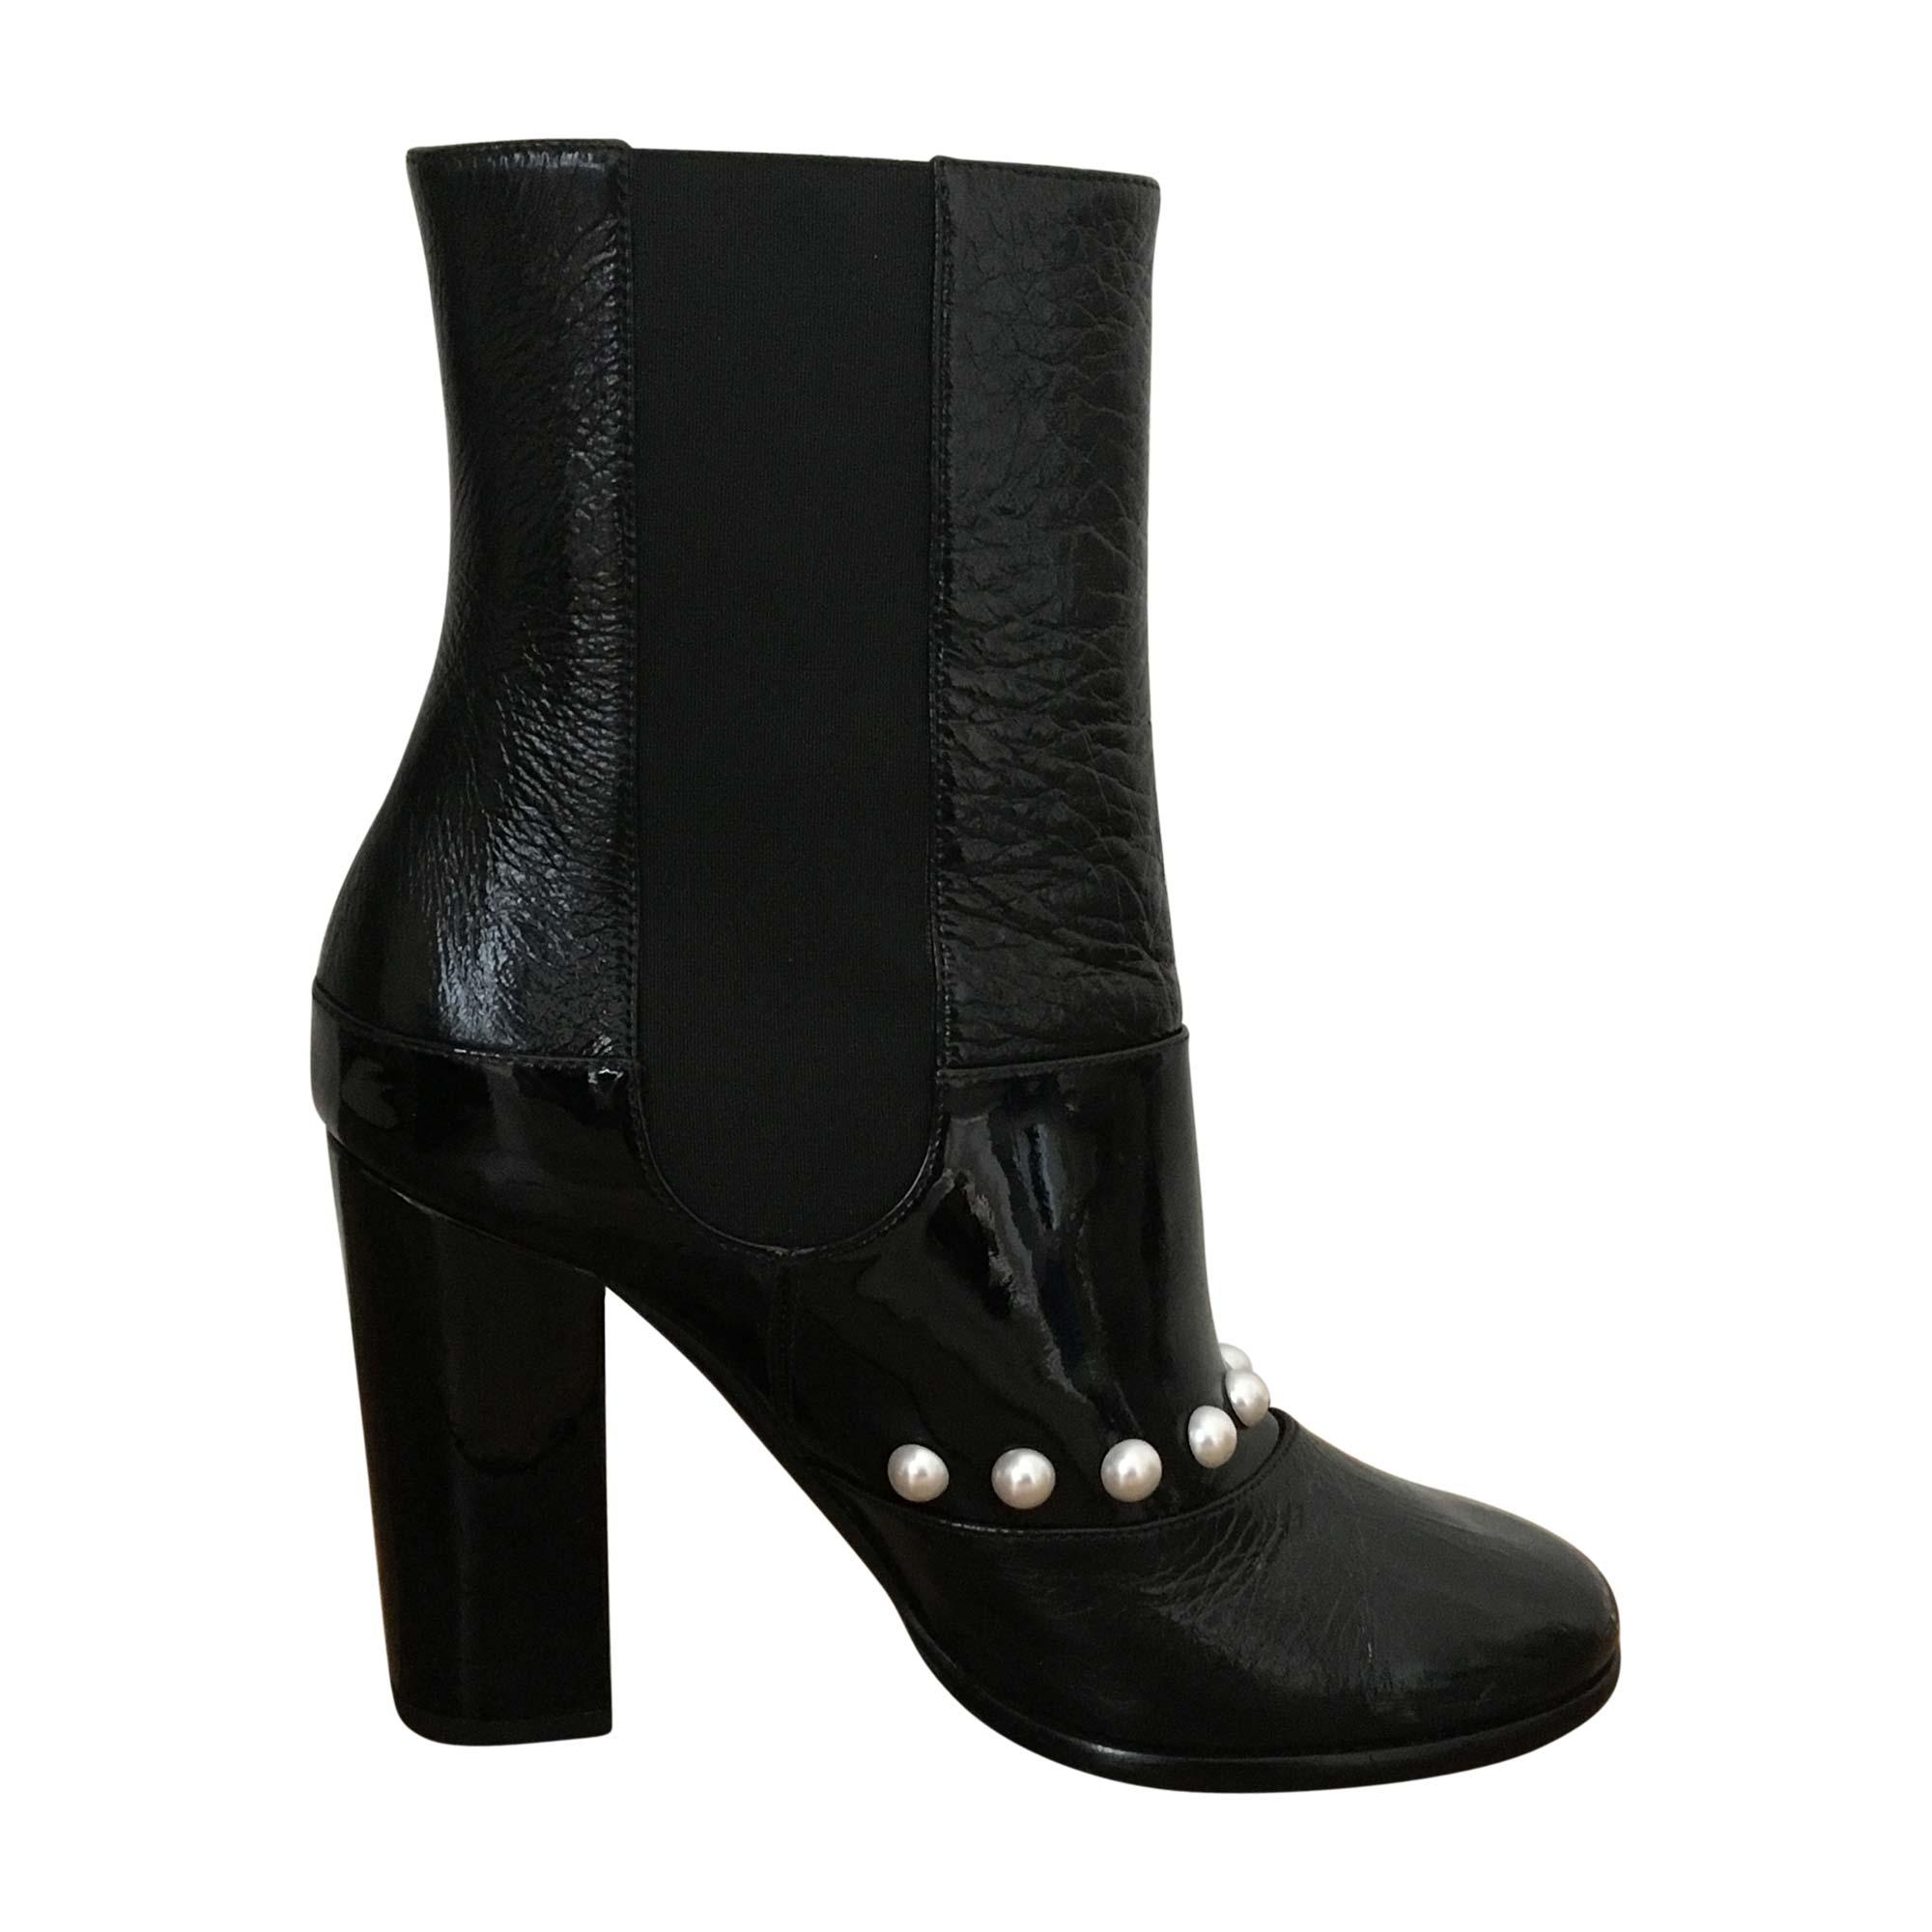 Bottines   low boots à talons CHANEL 37 noir - 6006967 3aefa8b94ae